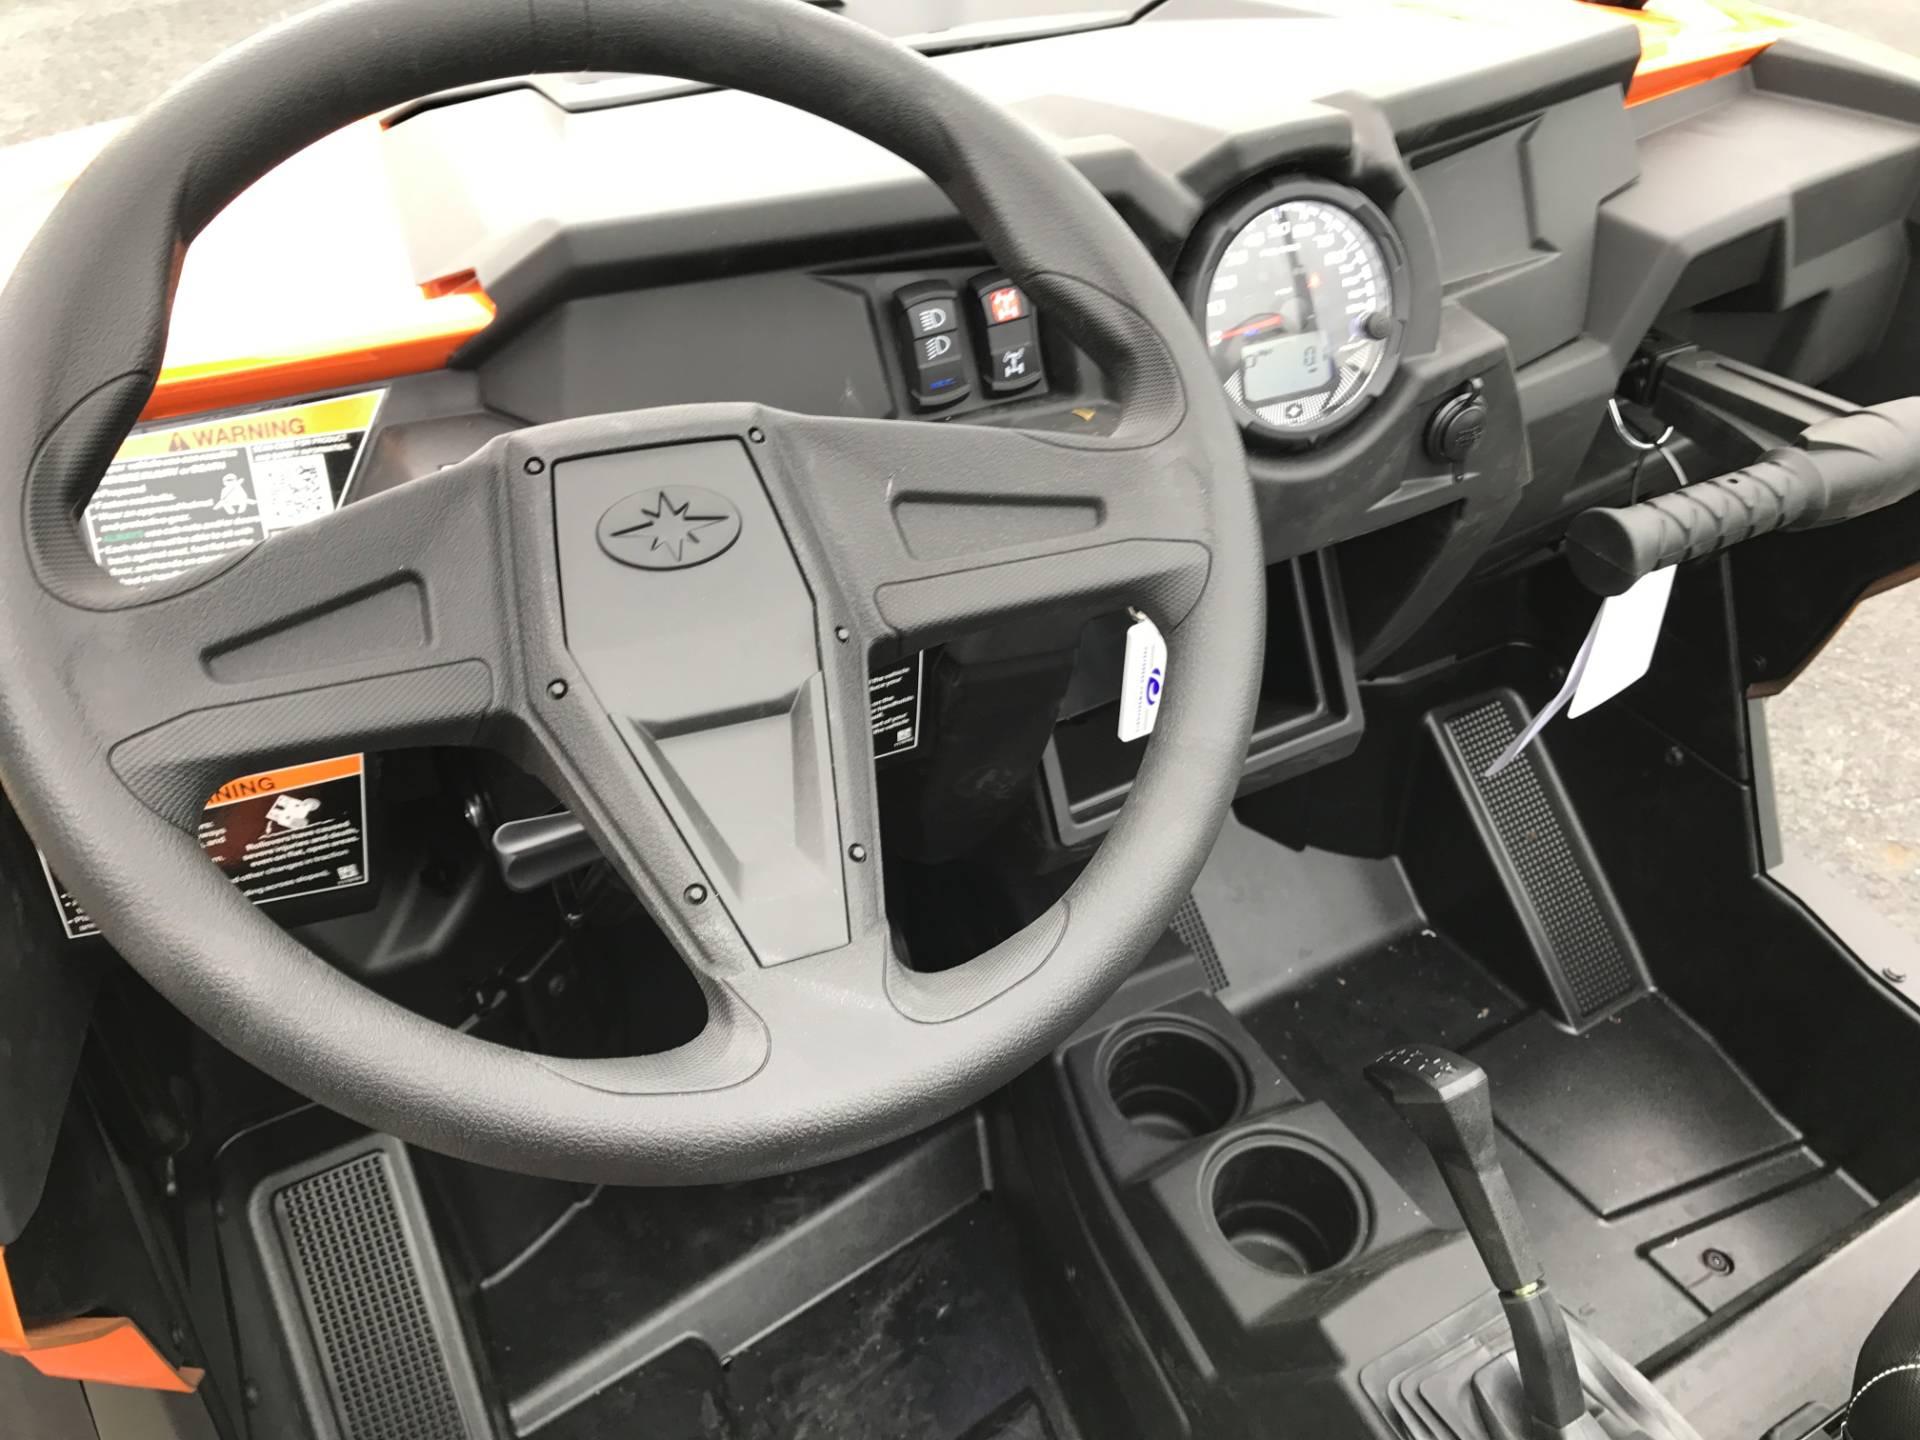 2017 Polaris RZR S 1000 EPS 4